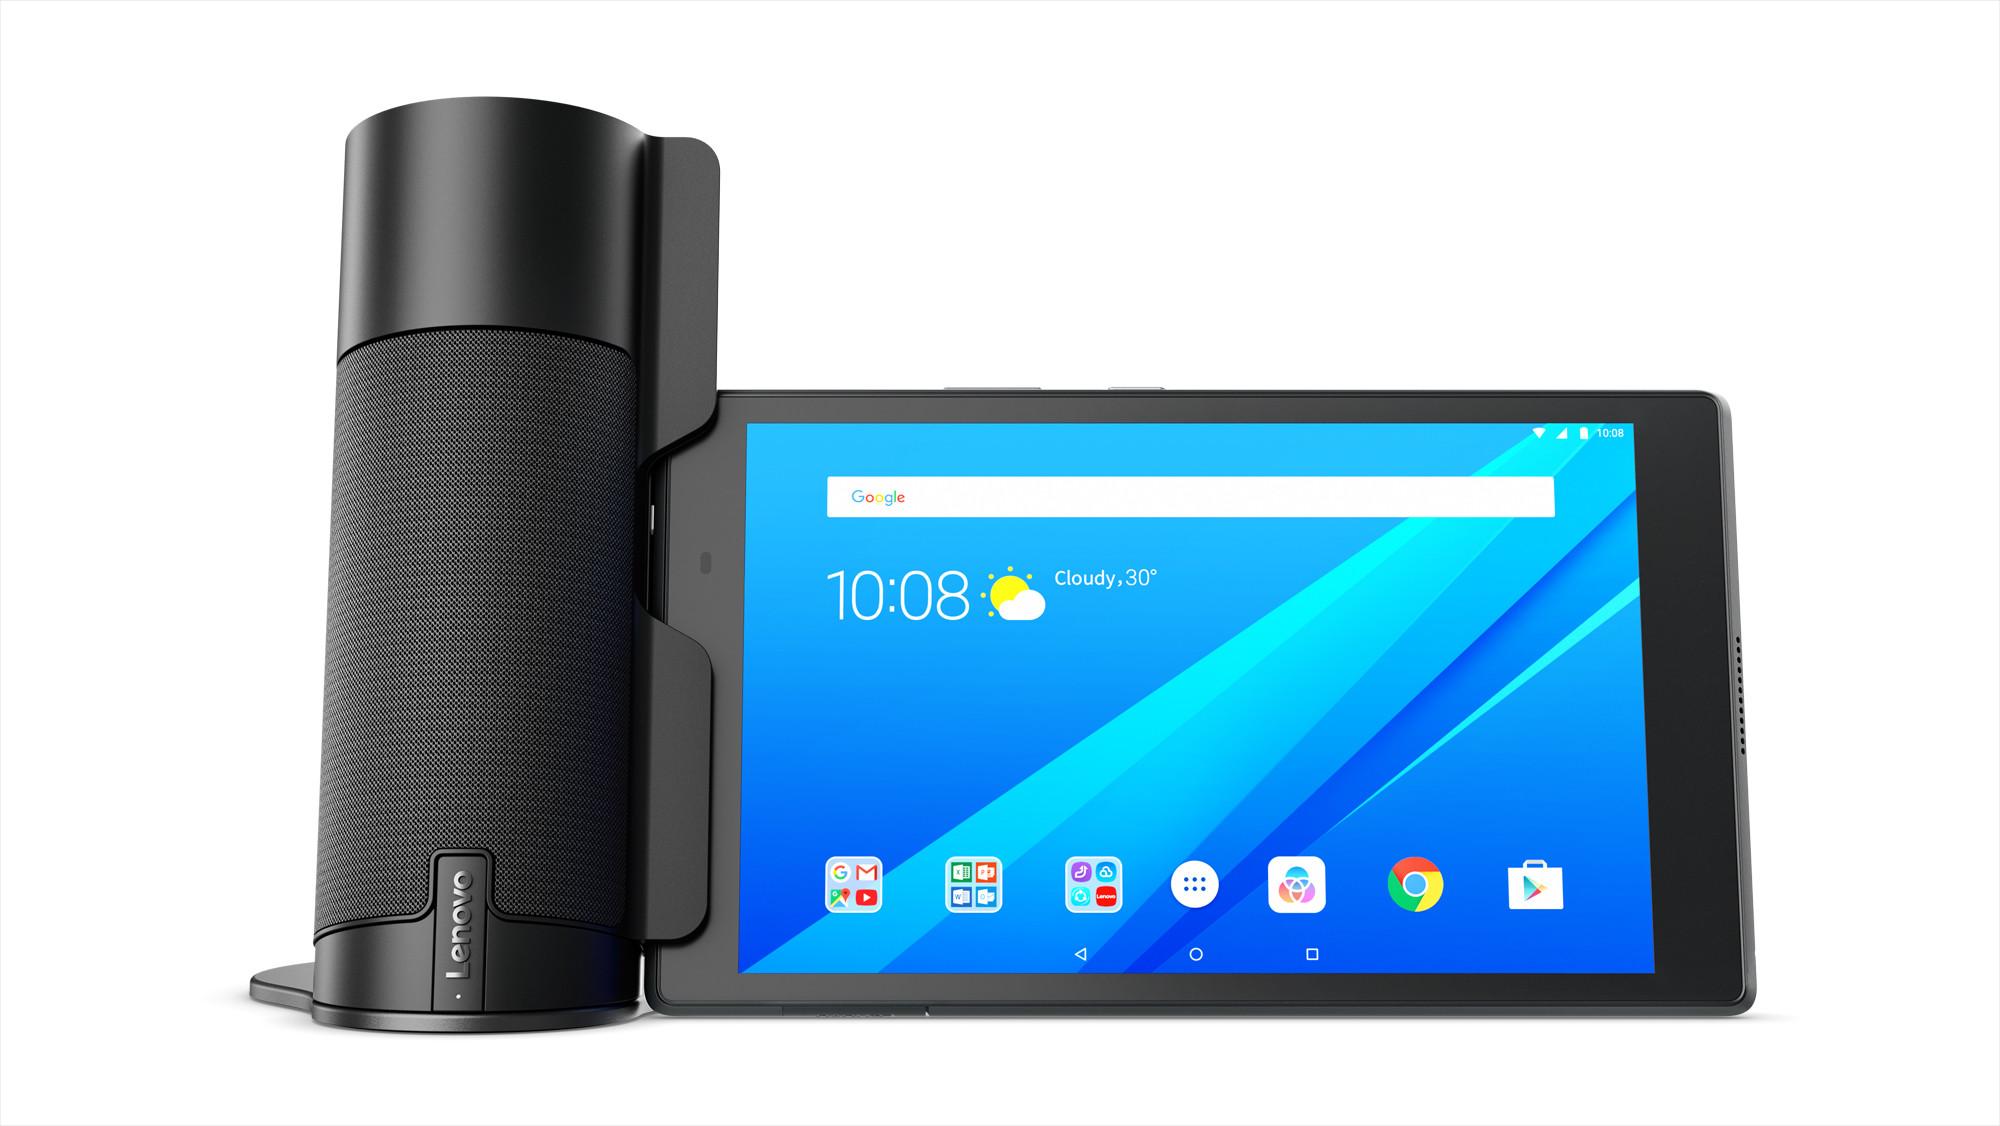 Lenovo Presenta Su Nuevo Altavoz Con Alexa Para Su Tab 4